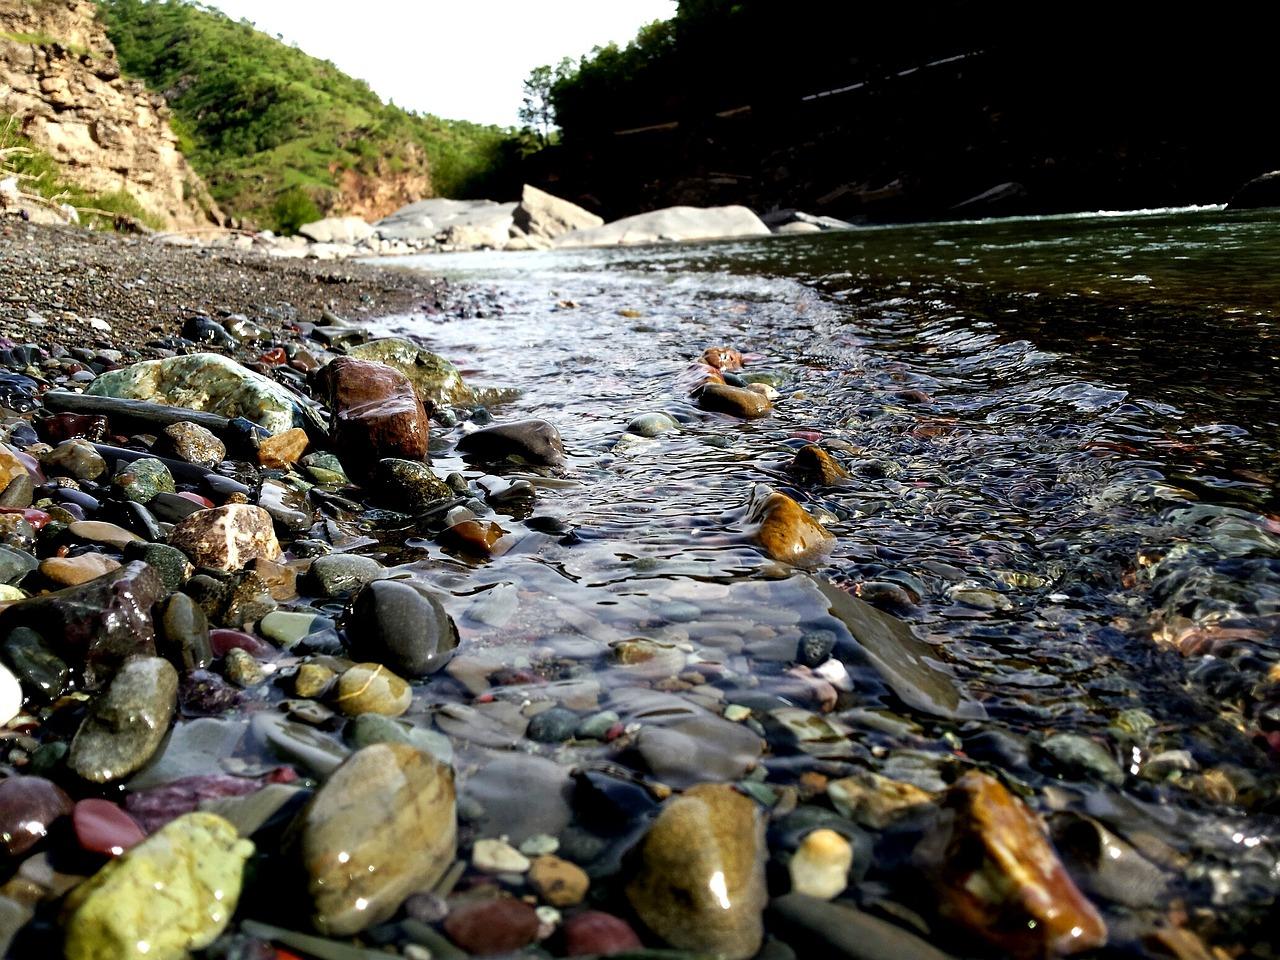 river-730485_1280.jpg